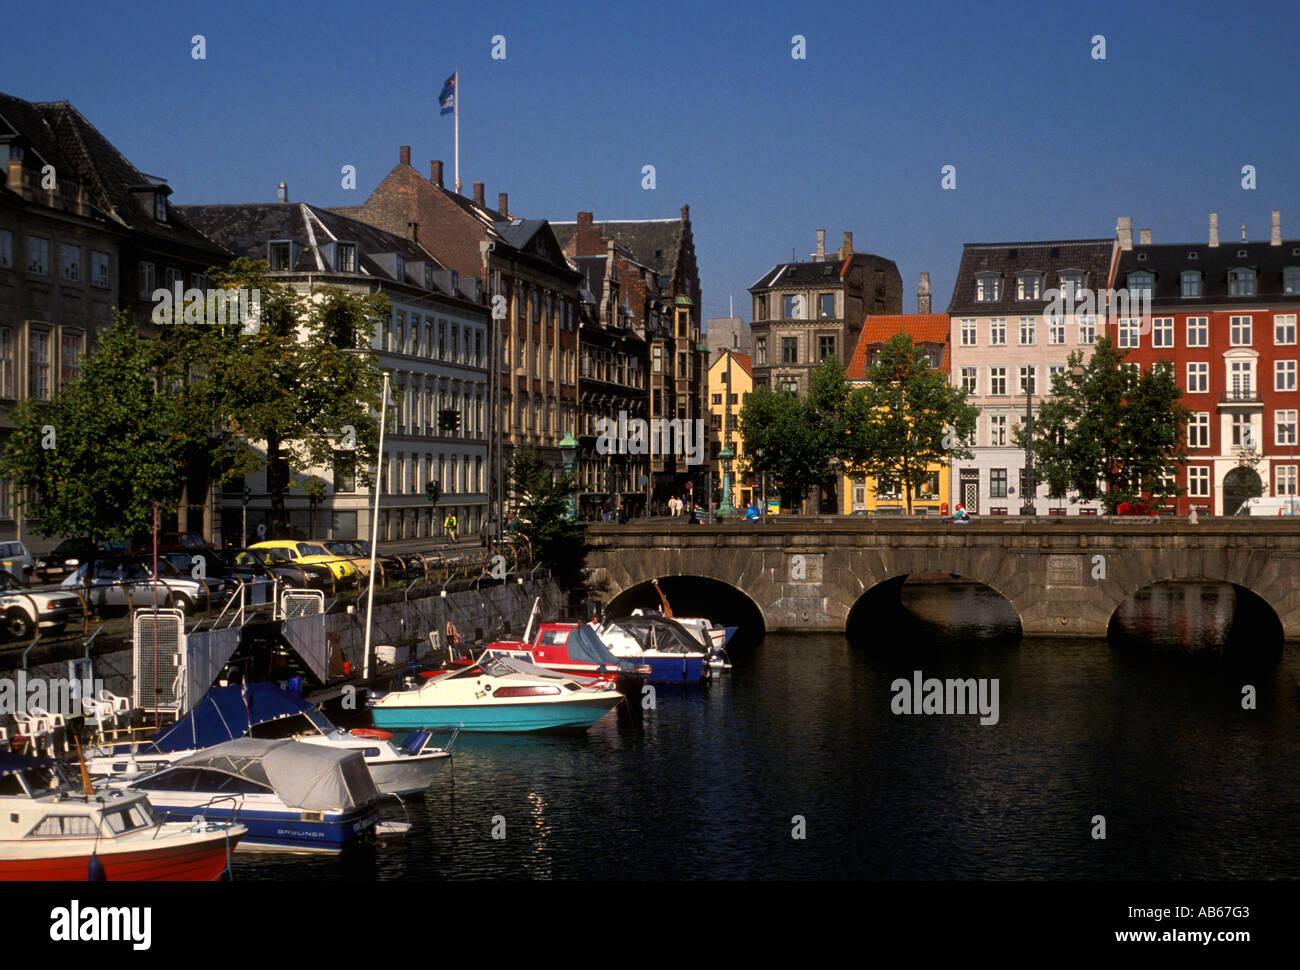 Frederiksholms Canal, city of Copenhagen, Copenhagen, Denmark, Europe - Stock Image